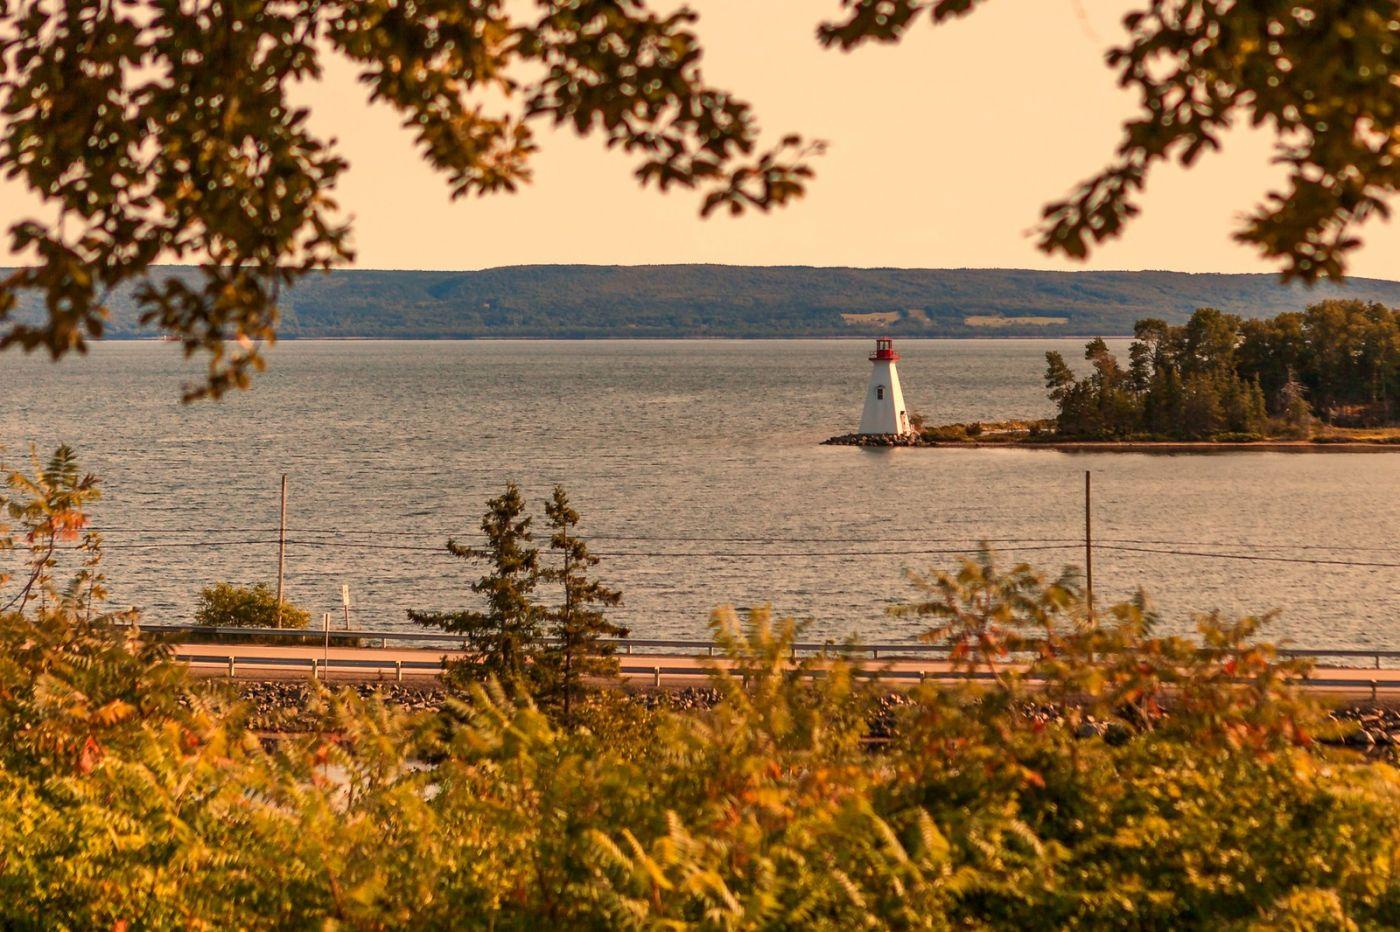 加拿大Nova Scotia, 帆船灯塔老鹰_图1-5